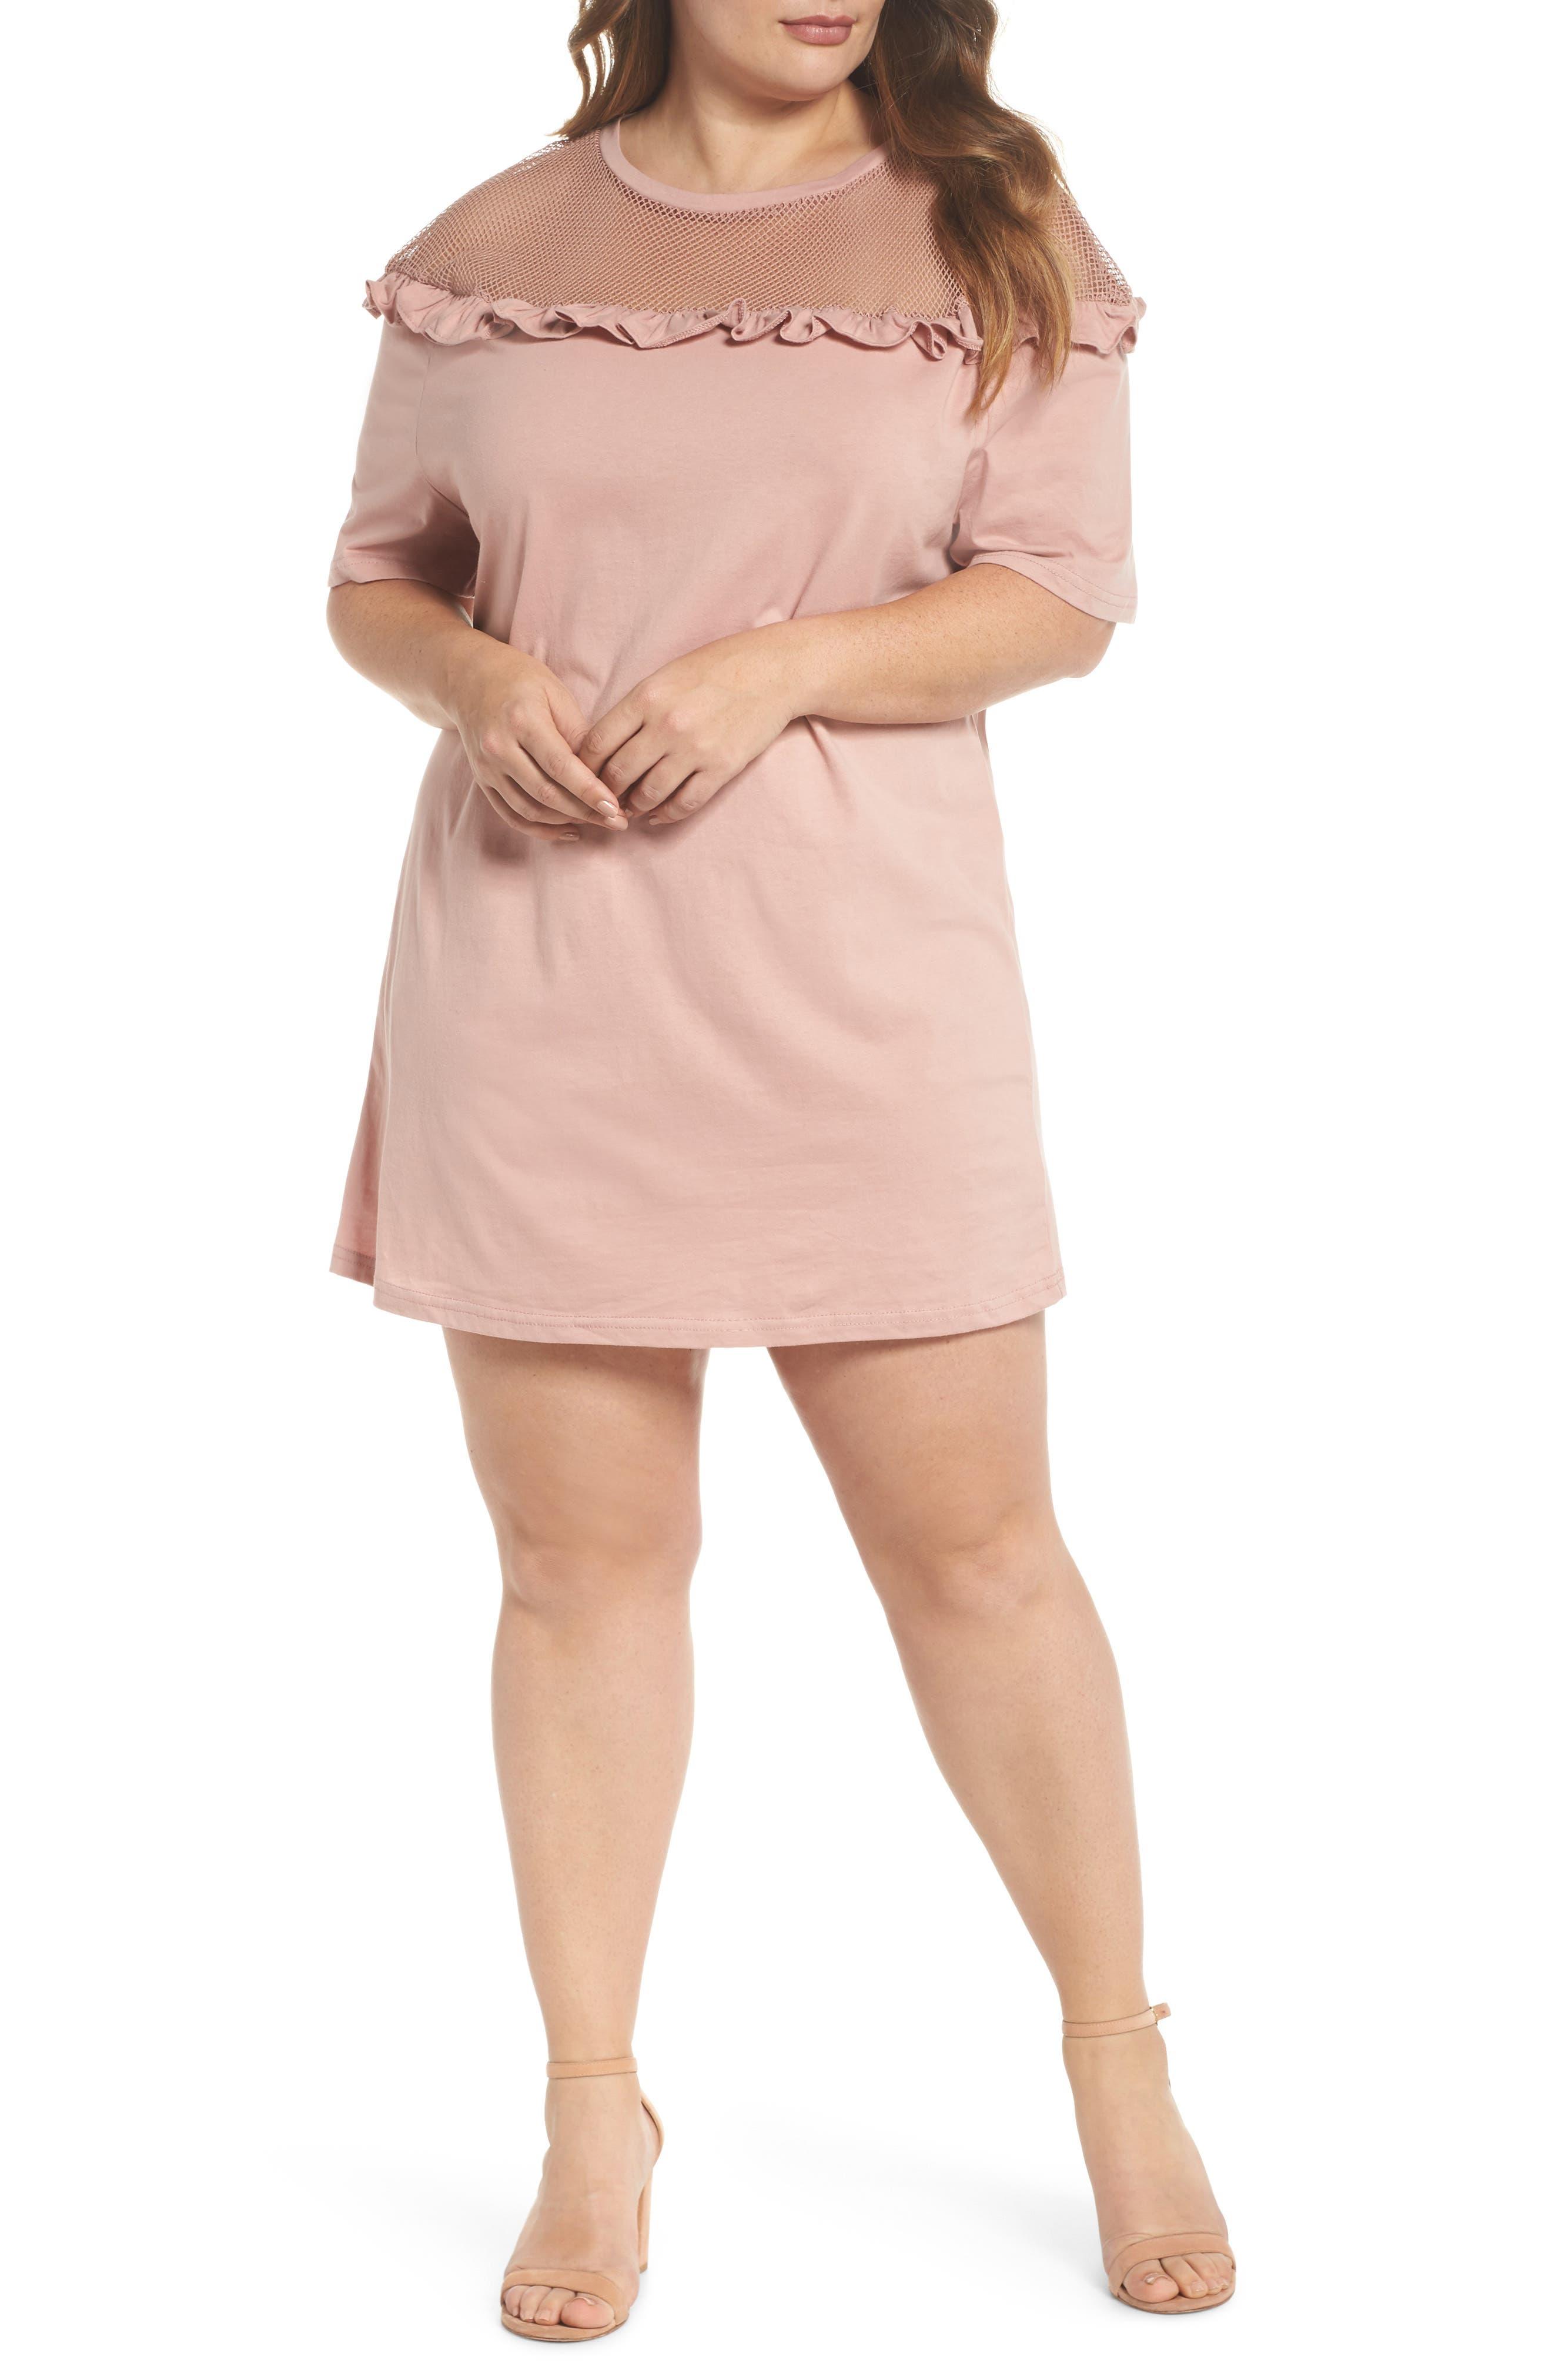 Alternate Image 1 Selected - Glamorous Illusion Neck Shift Dress (Plus Size)